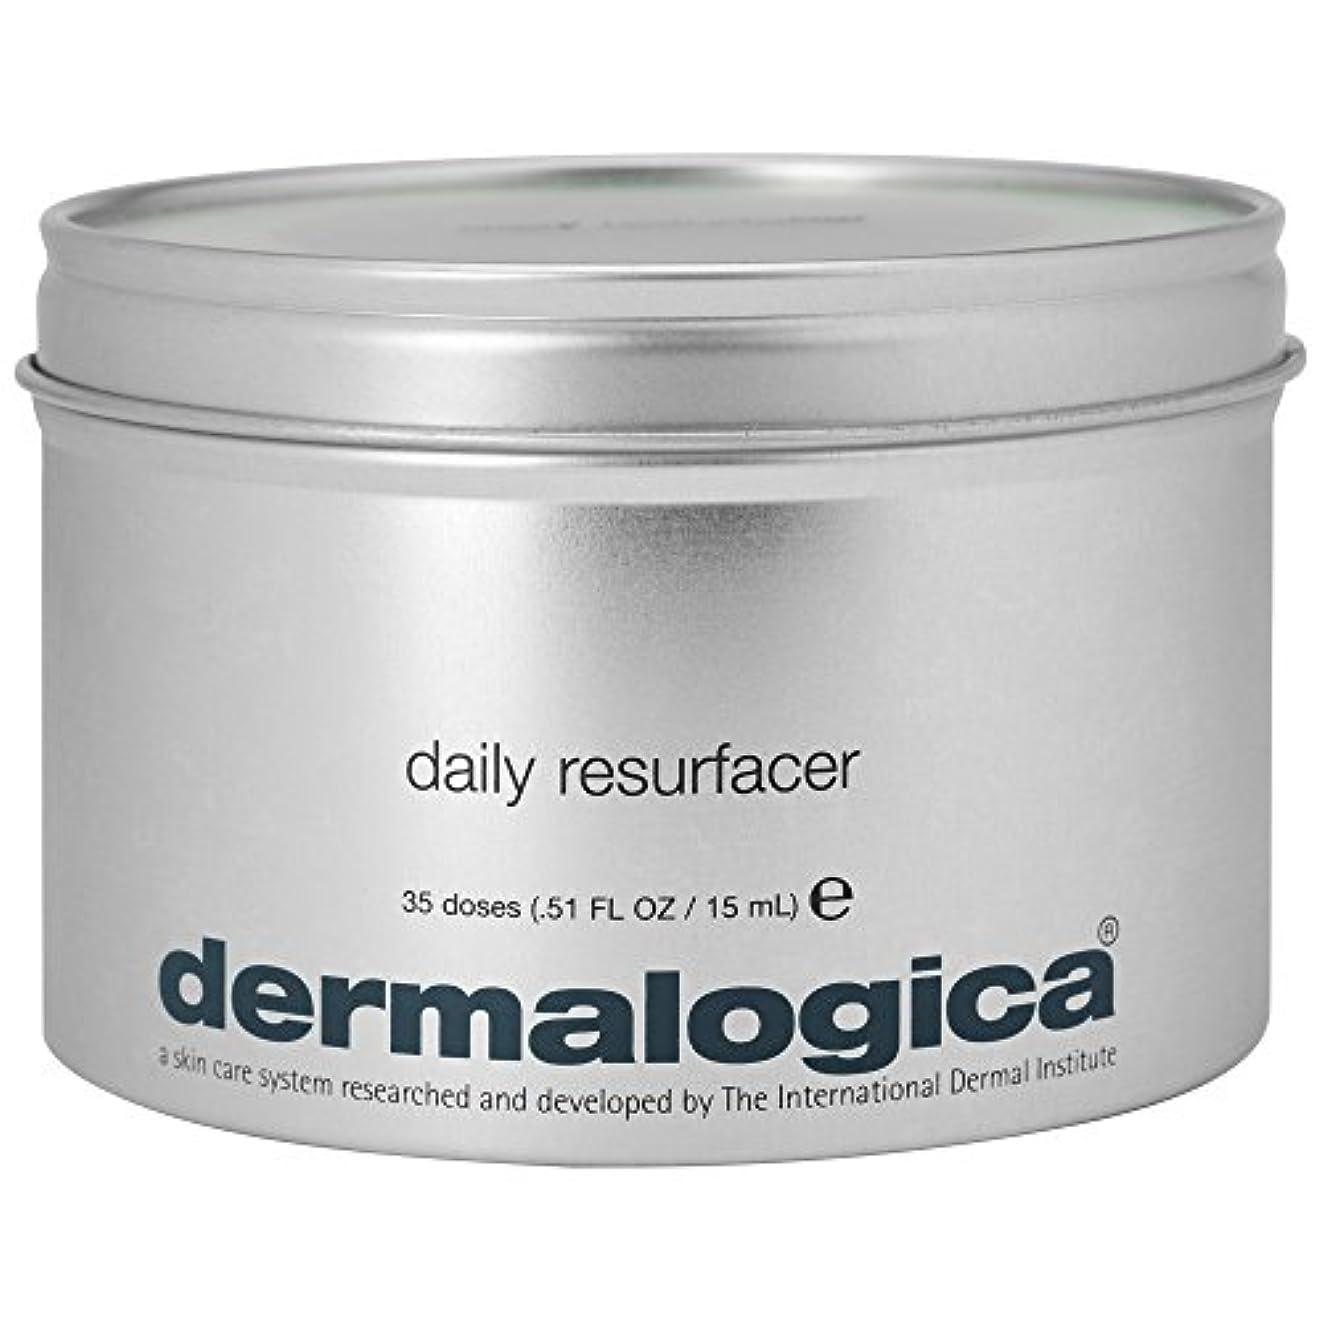 銀河賄賂始める35のダーマロジカ毎日Resurfacerパック (Dermalogica) (x2) - Dermalogica Daily Resurfacer Pack of 35 (Pack of 2) [並行輸入品]